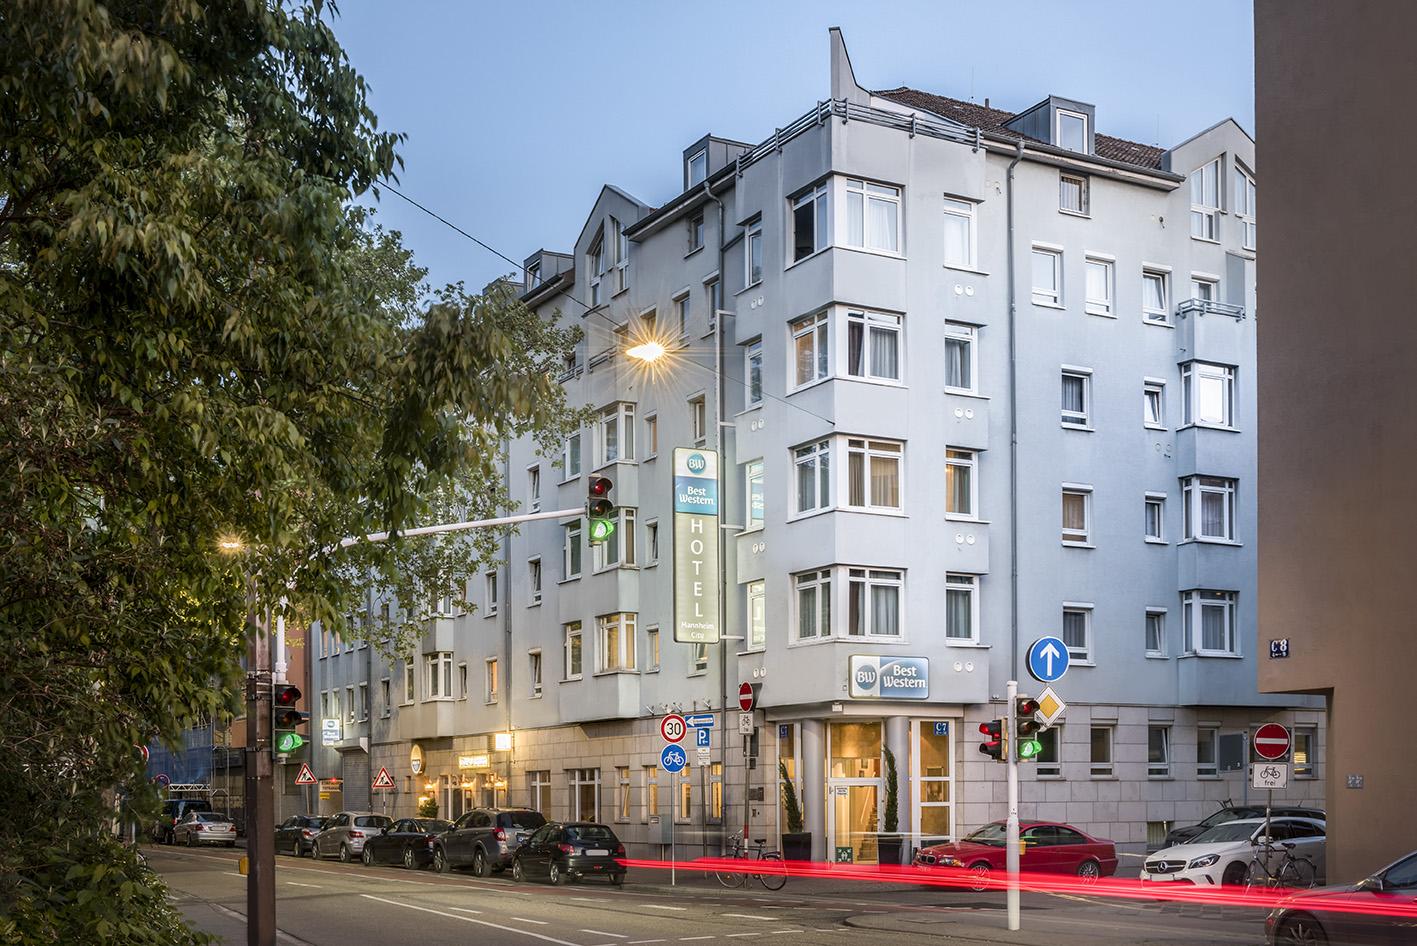 Hotel mannheim location best western hotel mannheim city for Designhotel mannheim